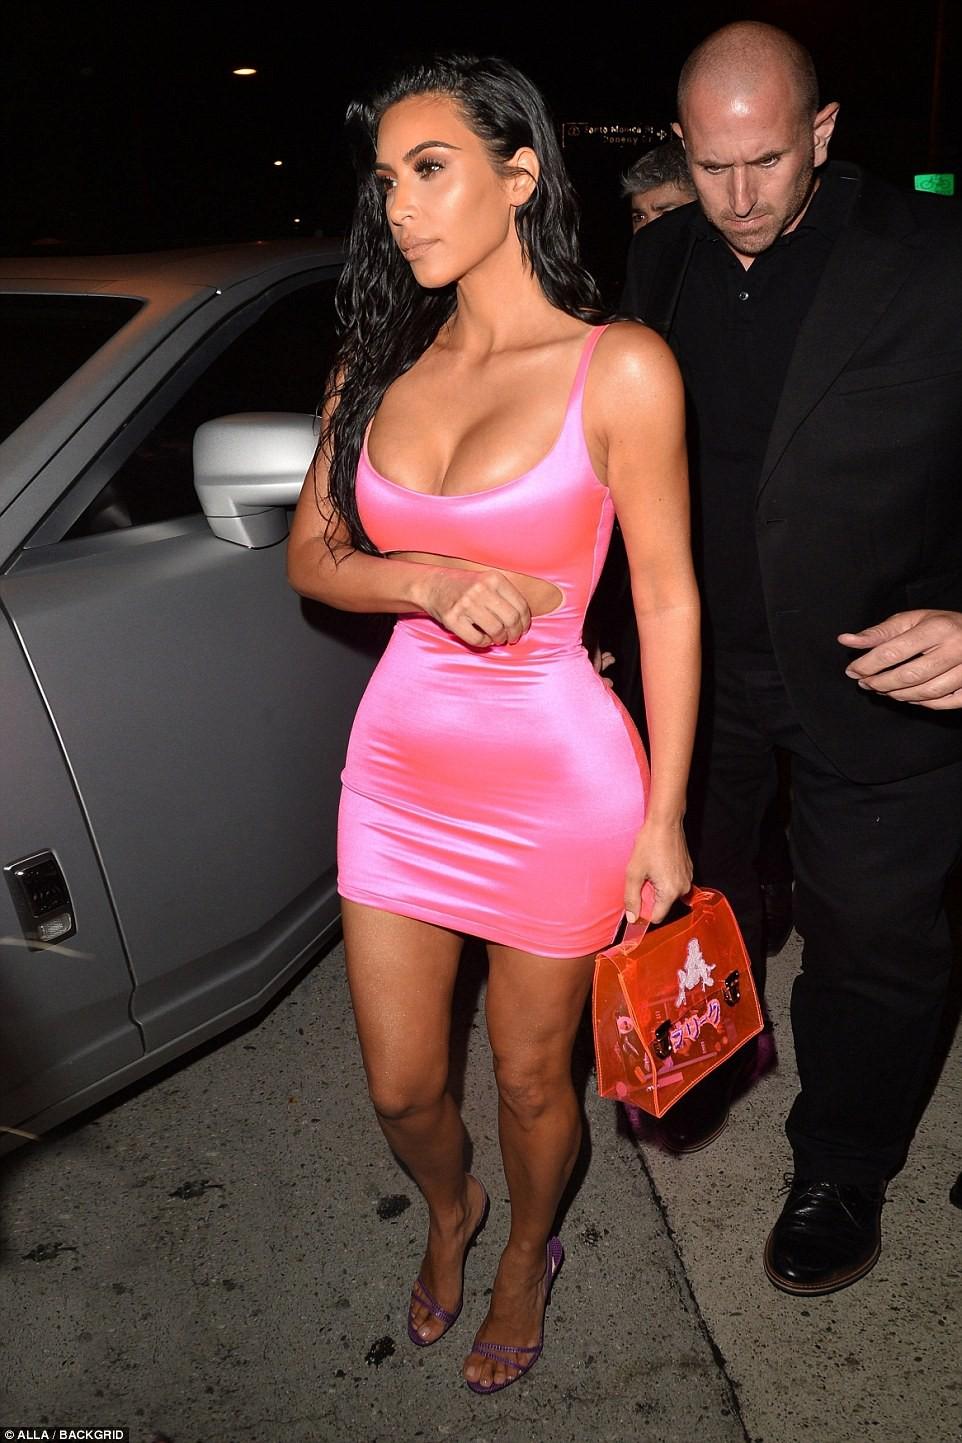 Ngũ long công chúa nhà Kardashian đọ sắc: Kylie và Kim quá gợi cảm sau giảm cân, Kendall khoe chân dài hút hồn - Ảnh 8.